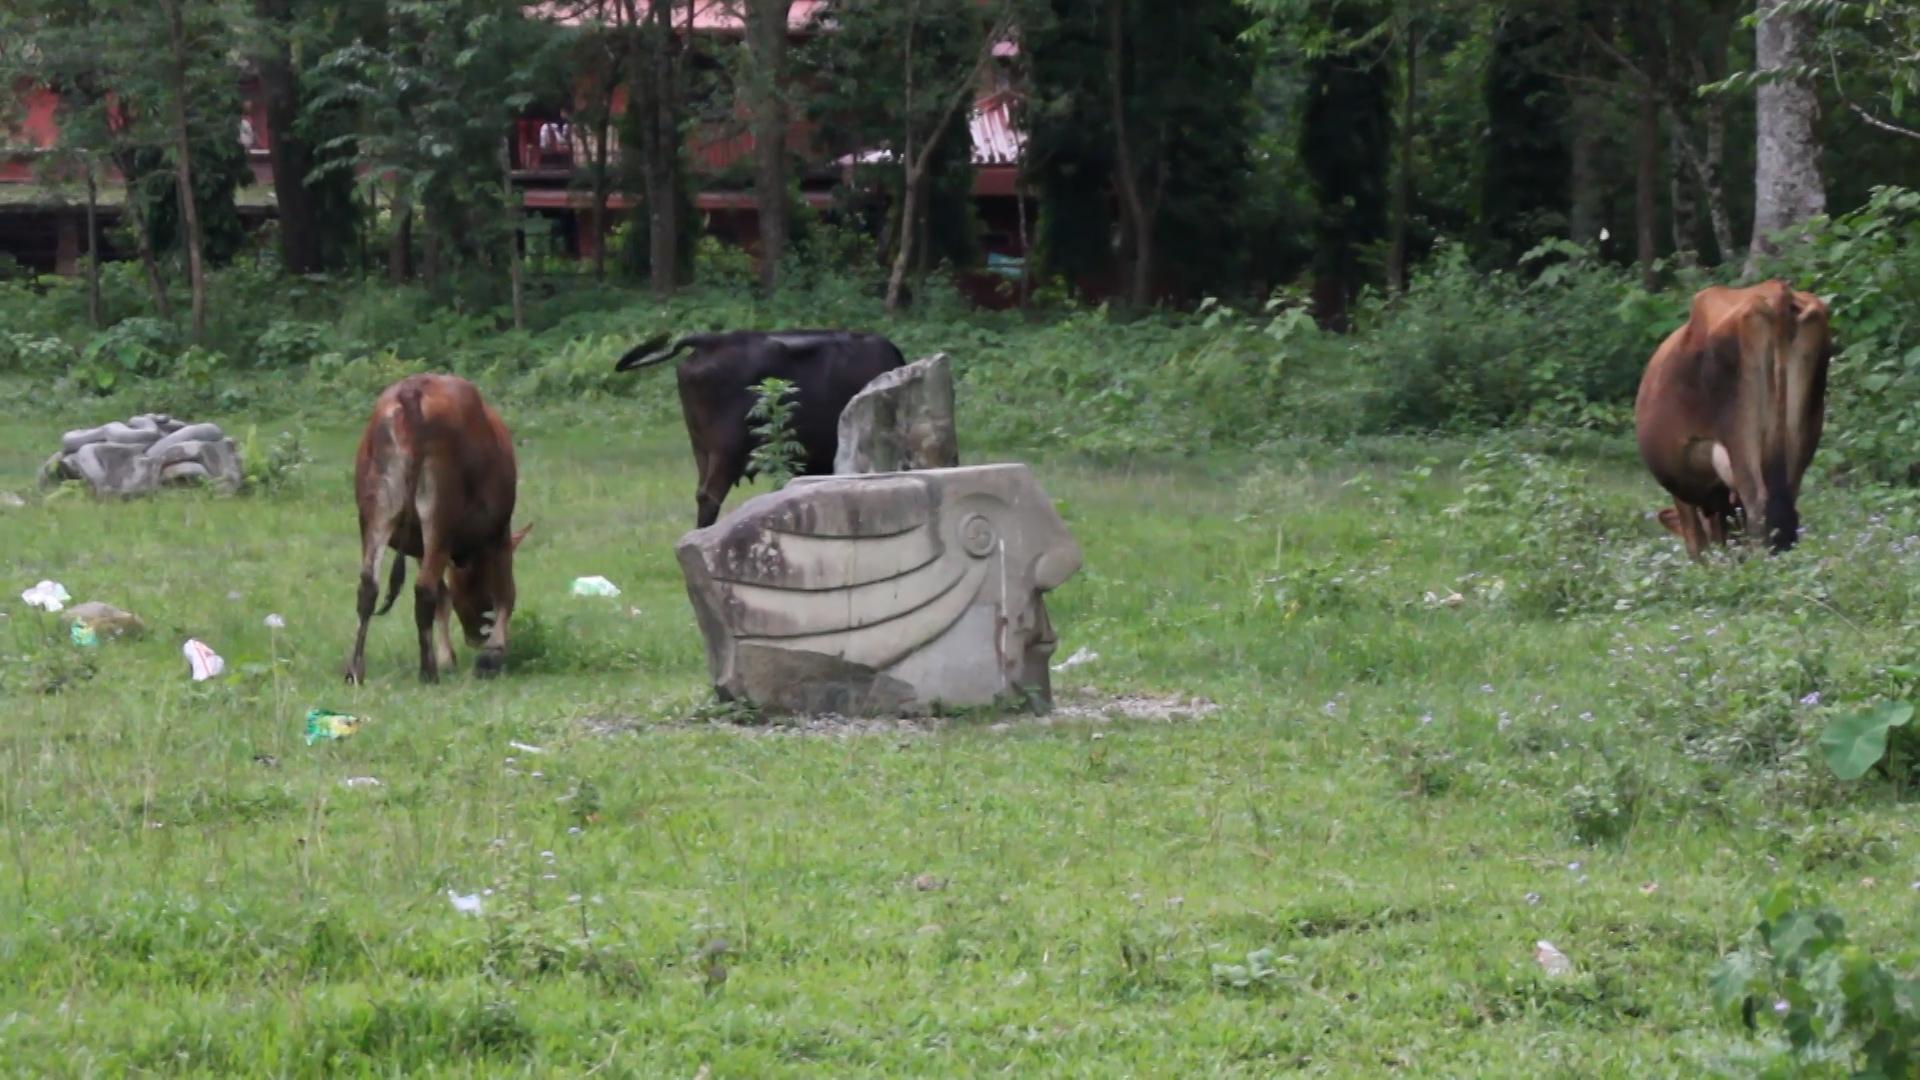 पोखराको फेवाताल स्थित कोमागाने पार्कमा बनाइएका मूर्तिहरु संरक्षणको अभावमा जीर्ण बन्दै